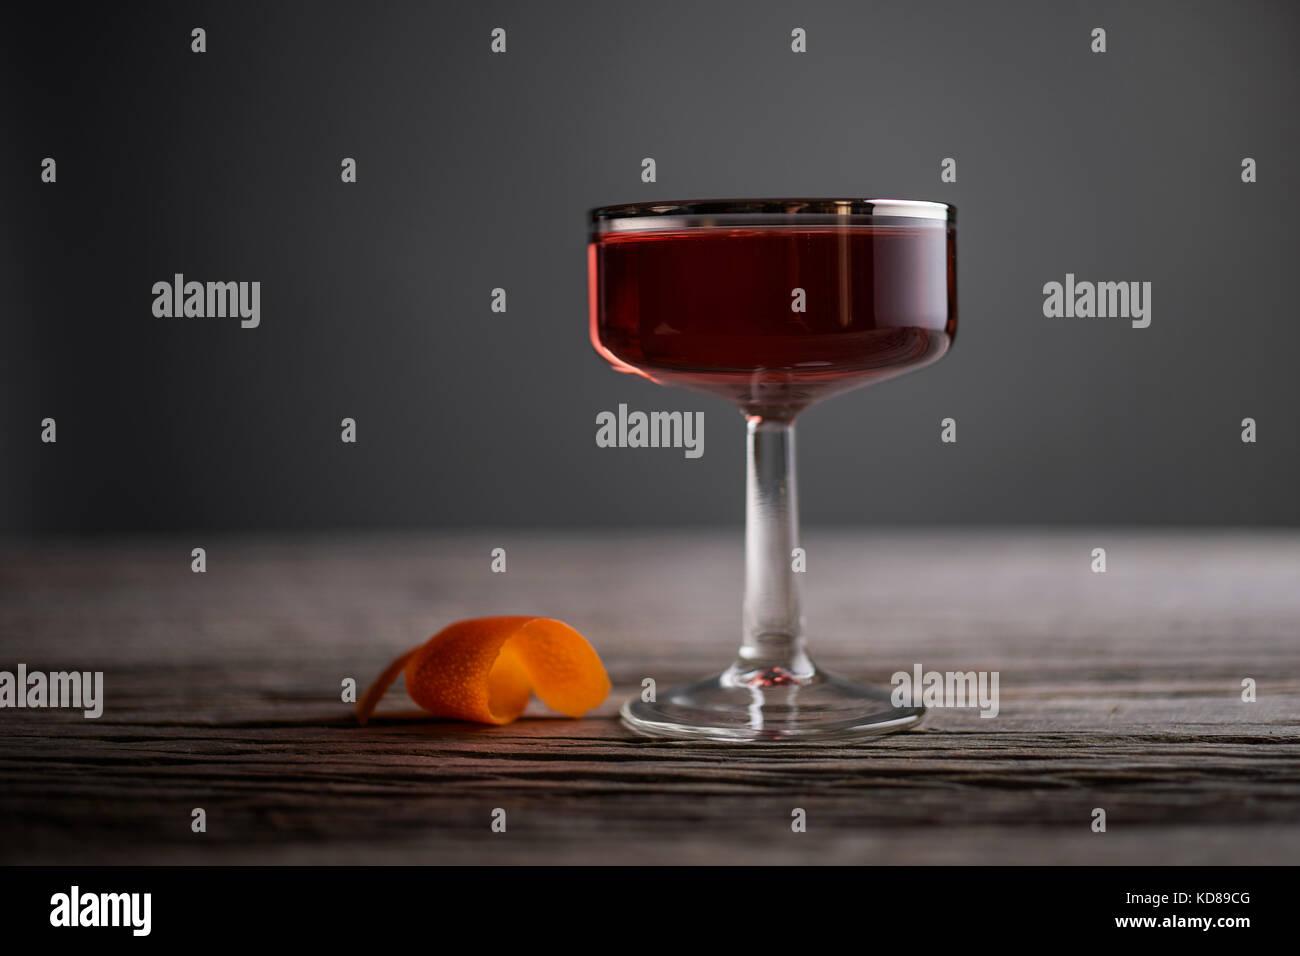 Anspruchsvolle Cocktail in einem Jahrgang, Silber ausgekleidet, coupé Glas mit Orange Peel auf einem urigen, Stockbild